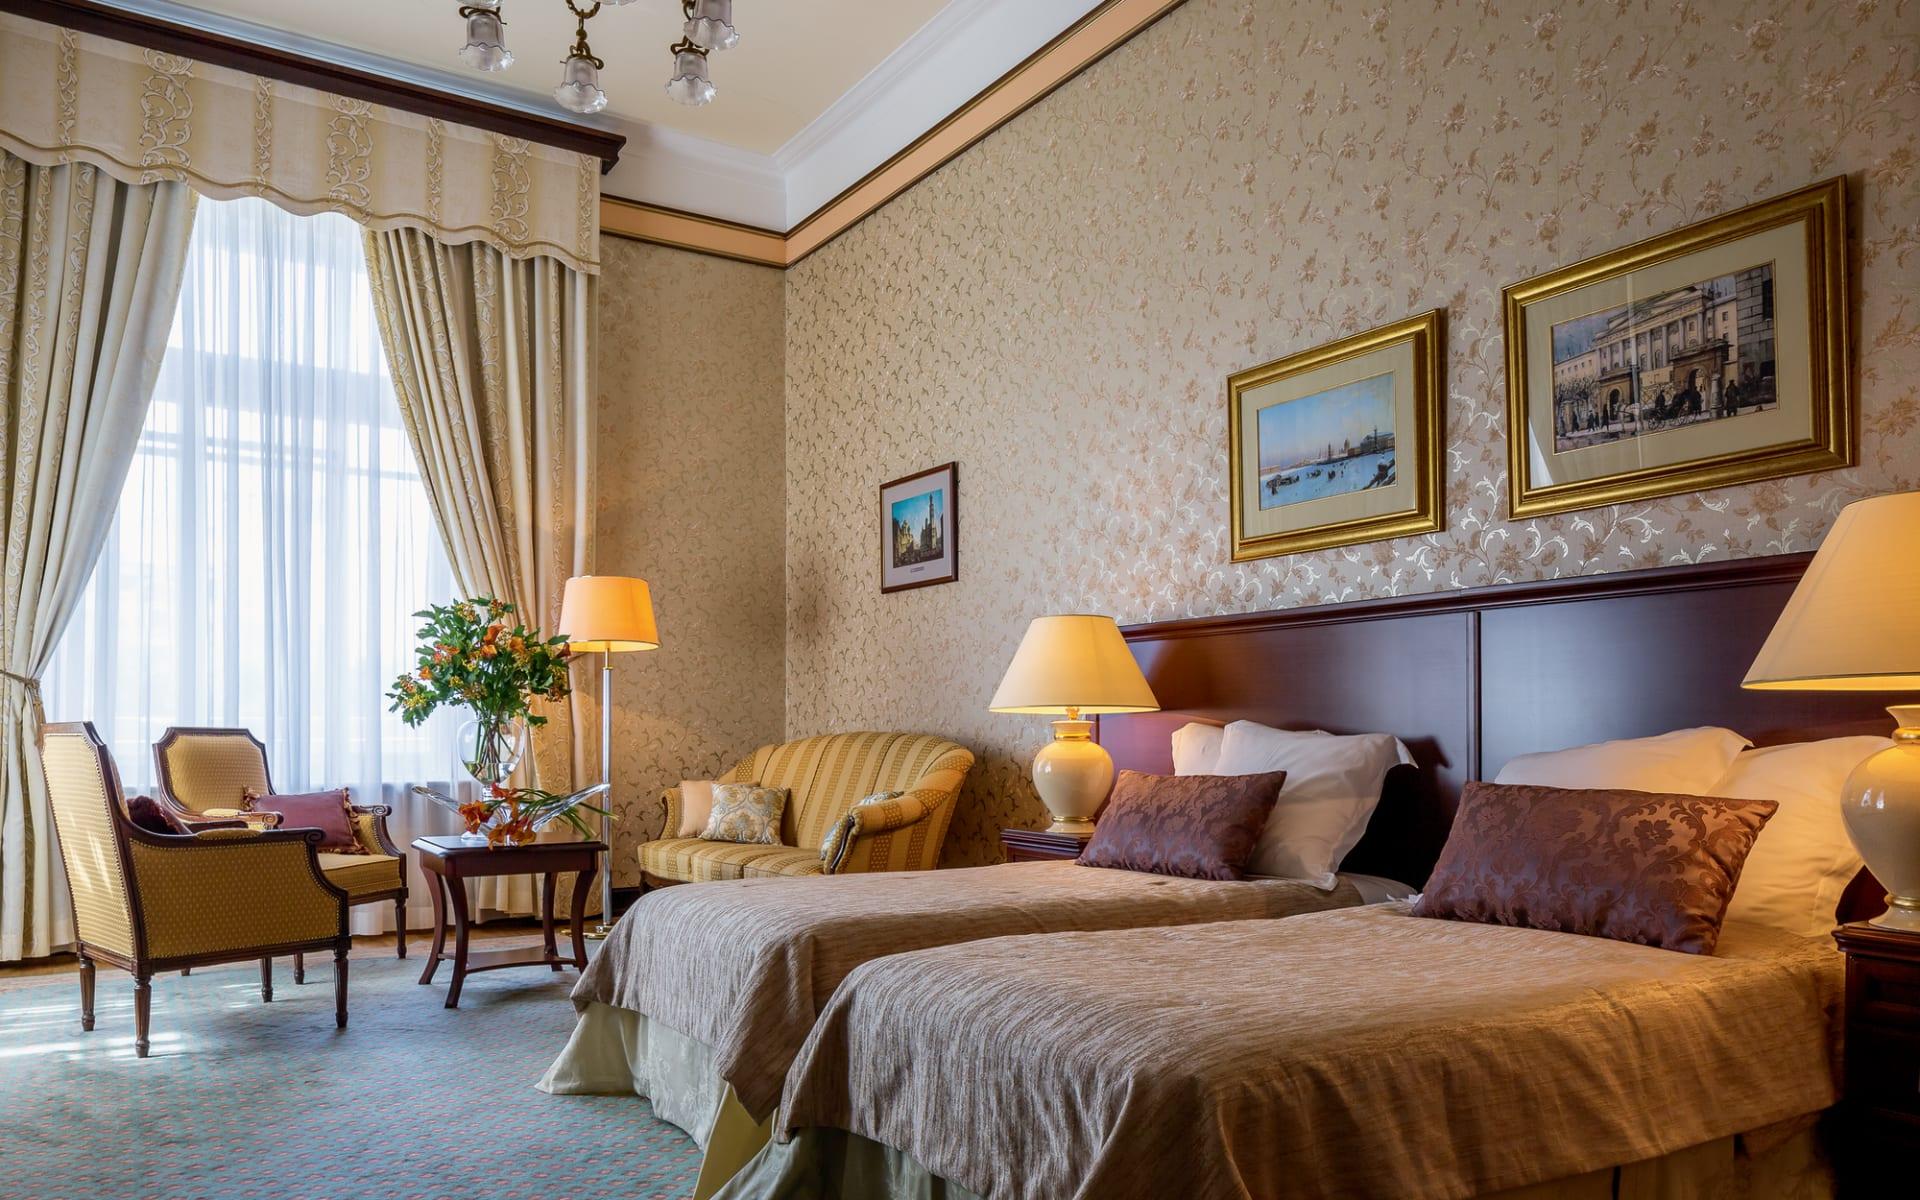 Hotel Metropol in Moskau: Russland_Moskau_Metropol_Superior2